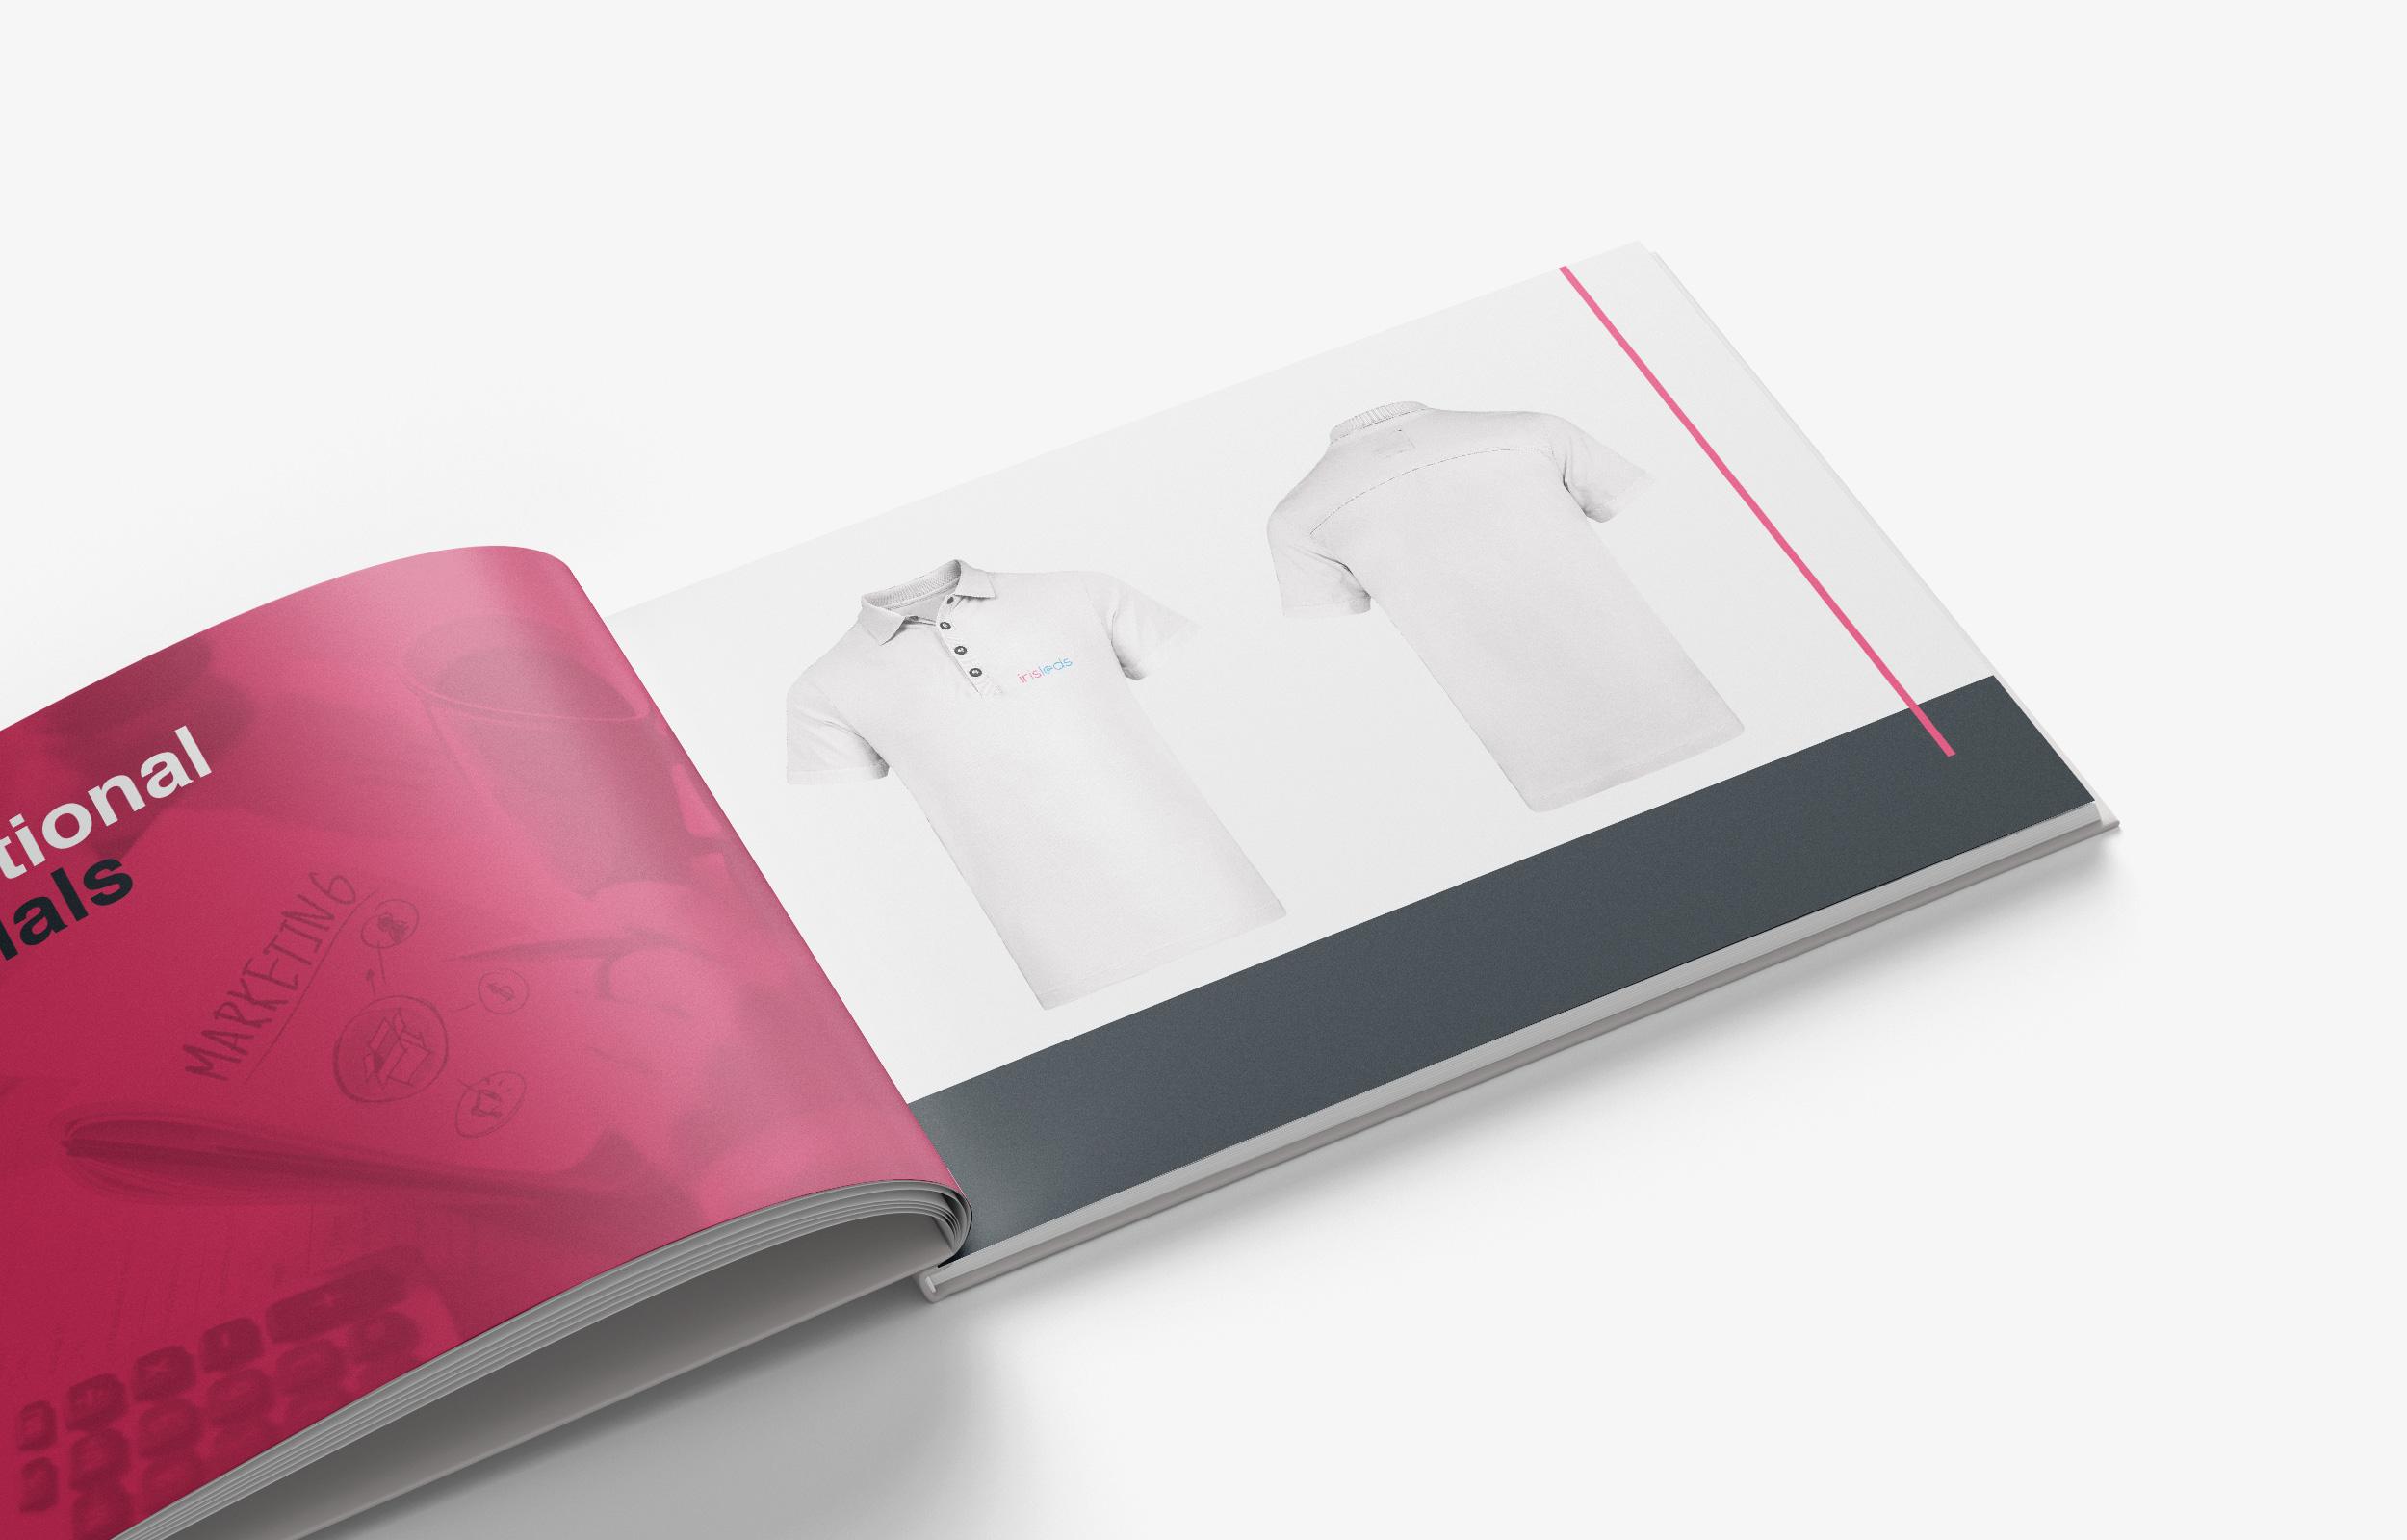 Horizontal_Book_Iris-Leds-4